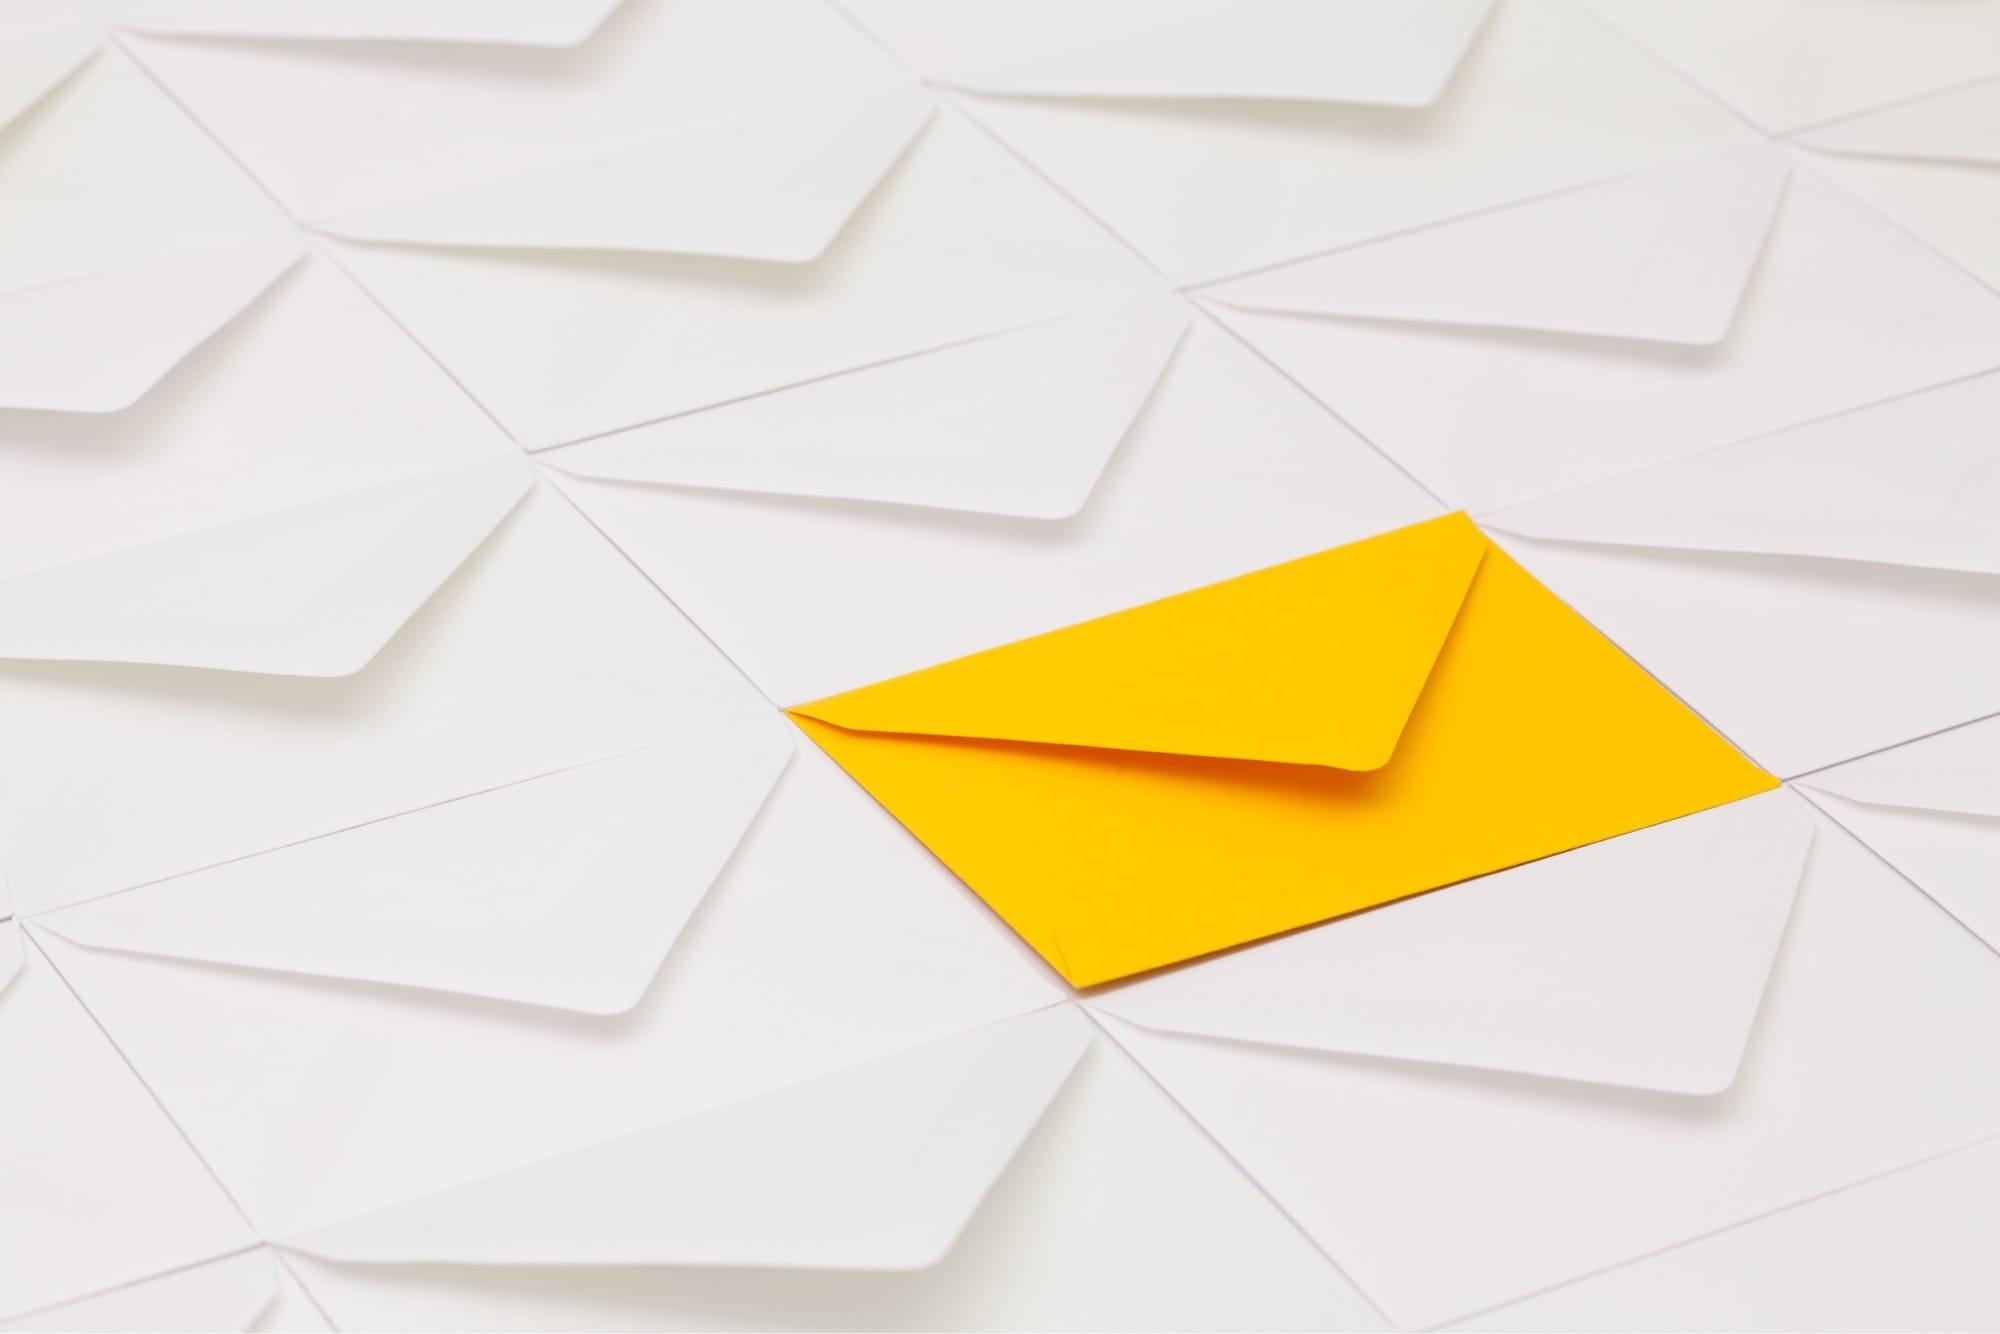 1つだけ黄色いメール